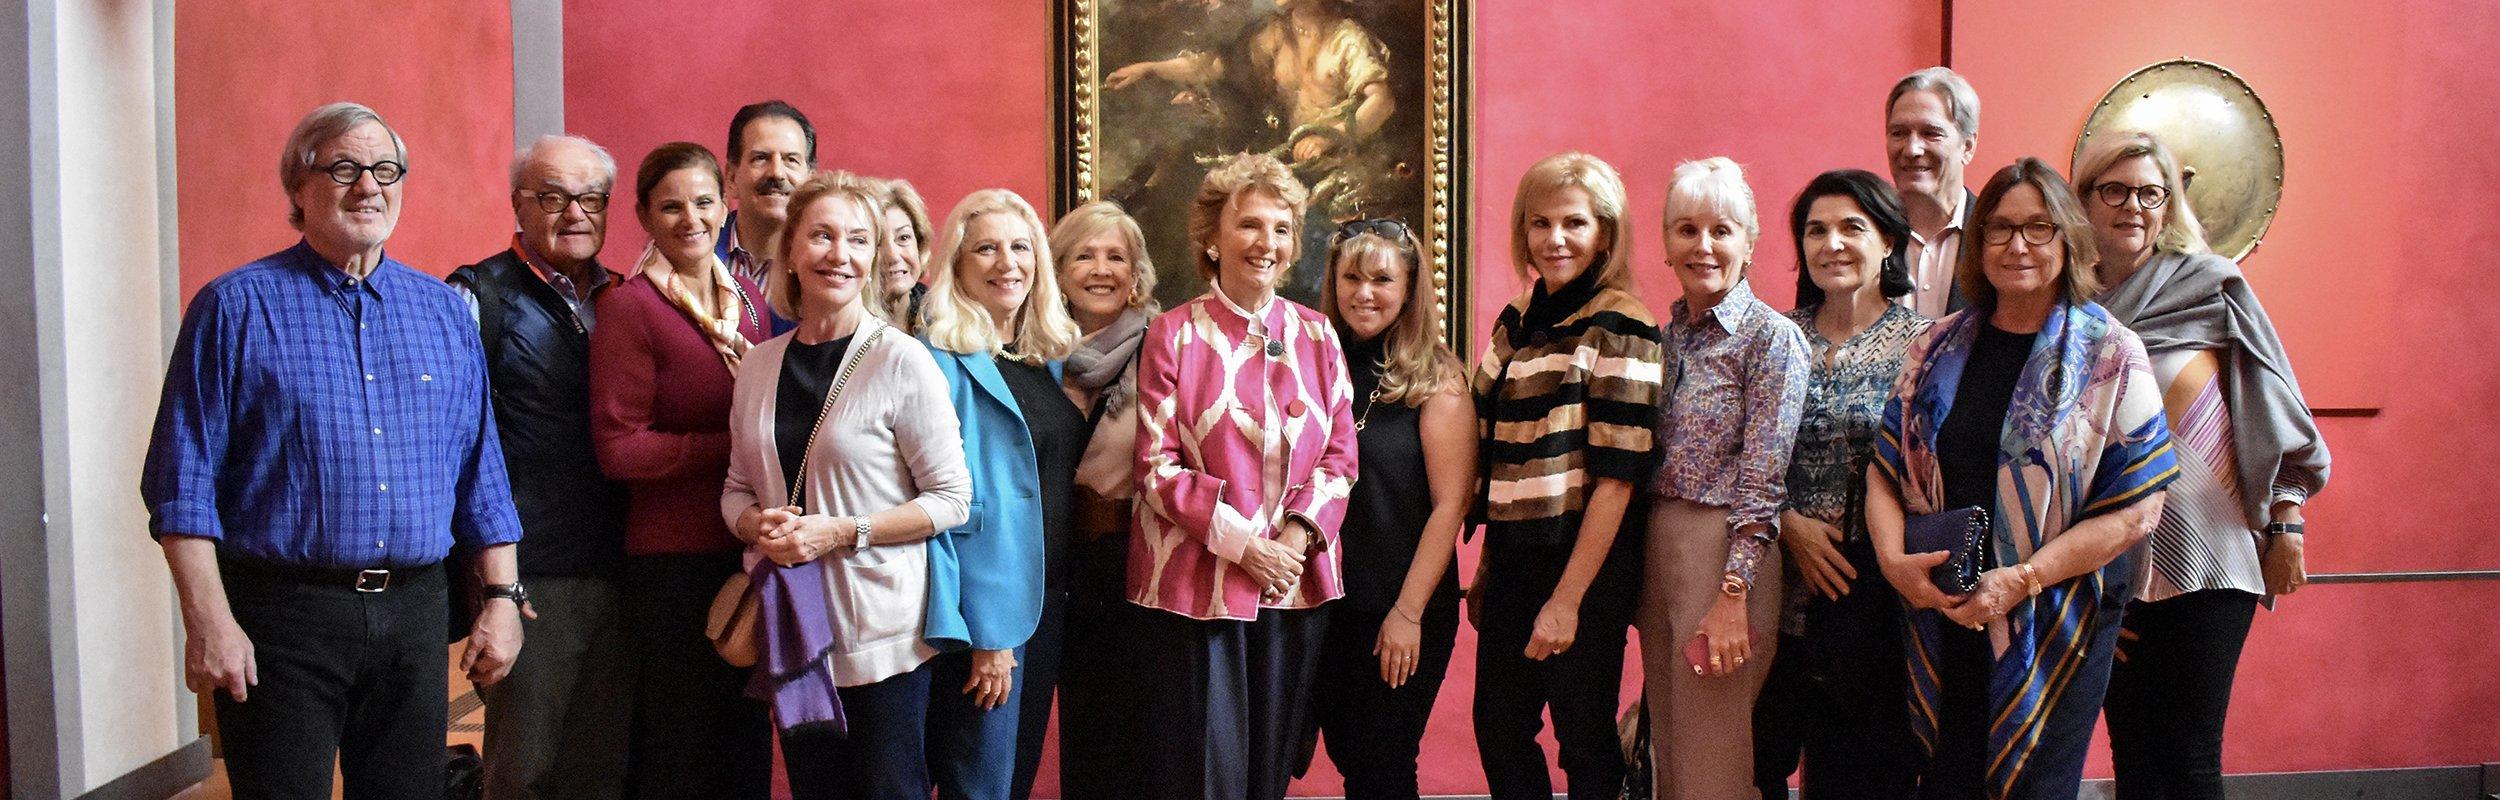 I Friends of The Uffizi visitano la Galleria con il direttore Eike Schmidt e la presidente Maria Vittoria Rimbotti